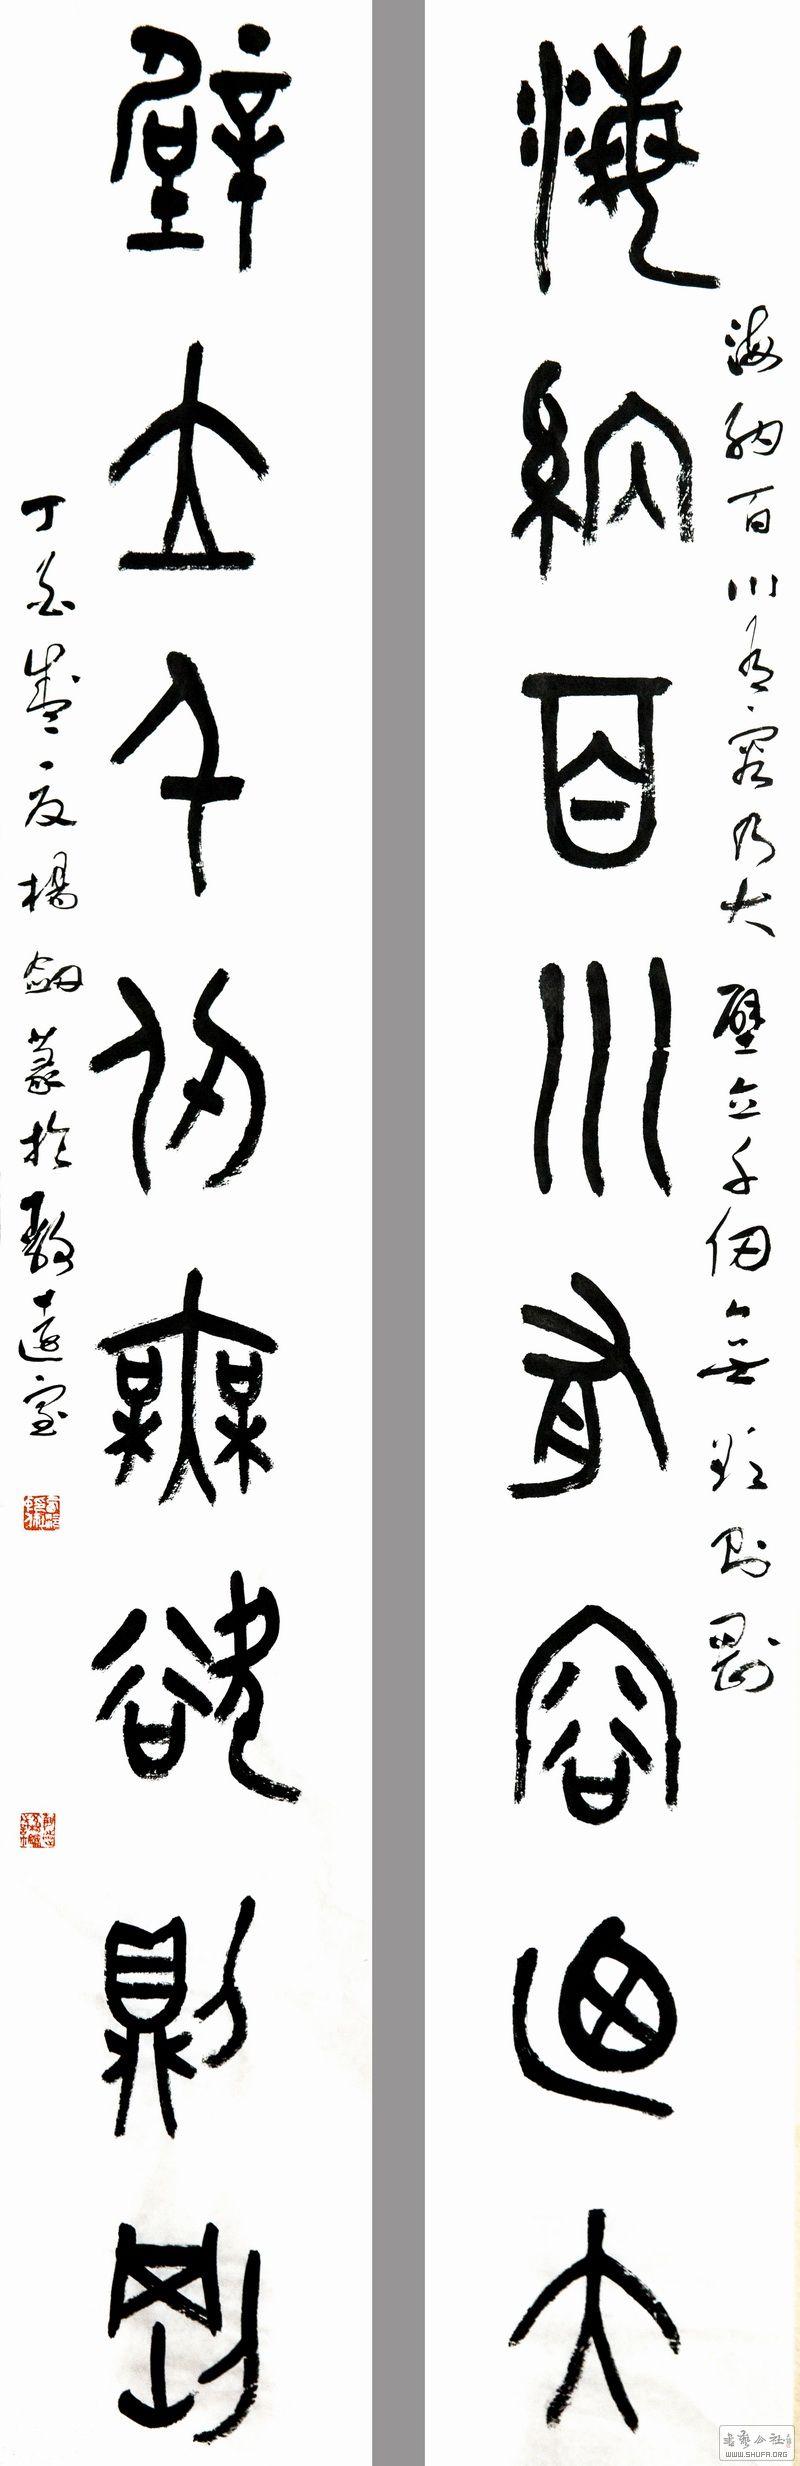 杨剑篆书对联《海纳百川,有容乃大;壁立千仞,无欲则刚》(纸本170cm×2